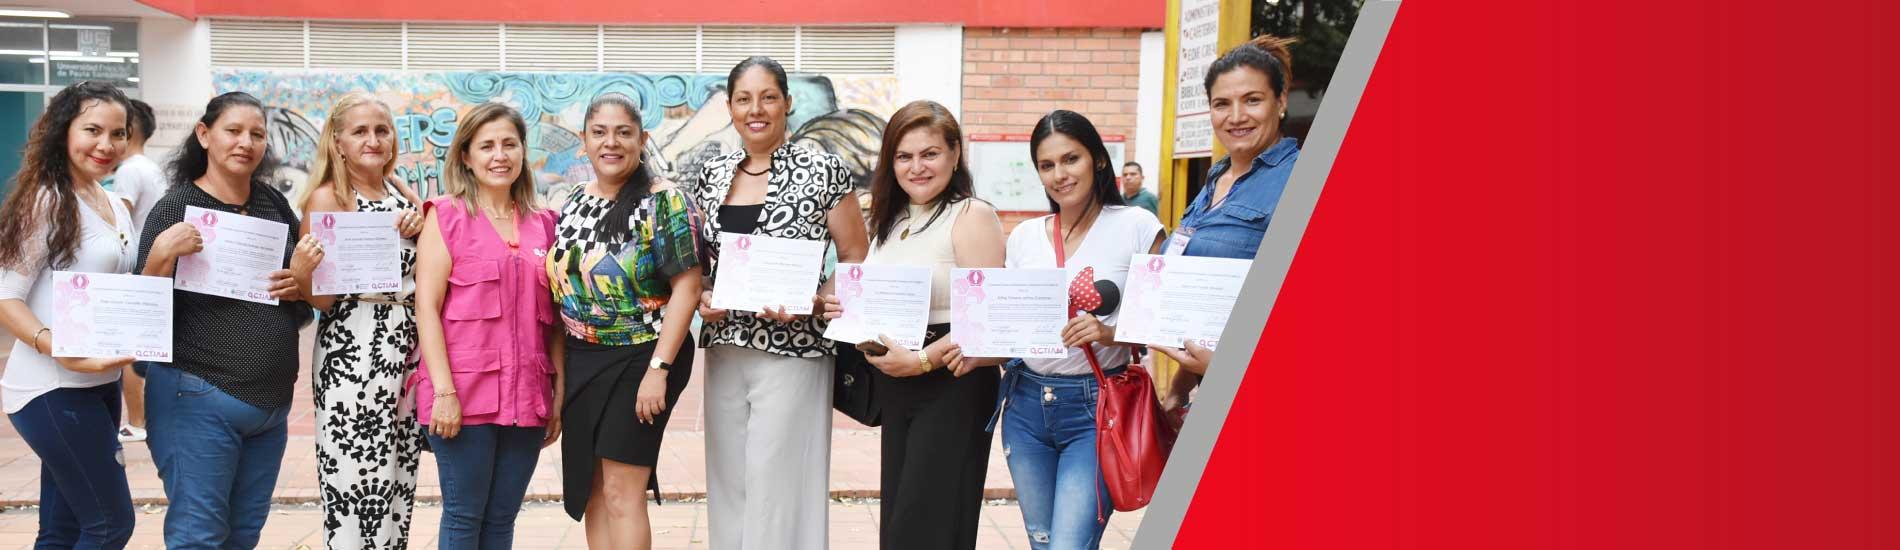 Mujeres del proyecto CTIAM UFPS fueron certificadas en estrategias de emprendimiento